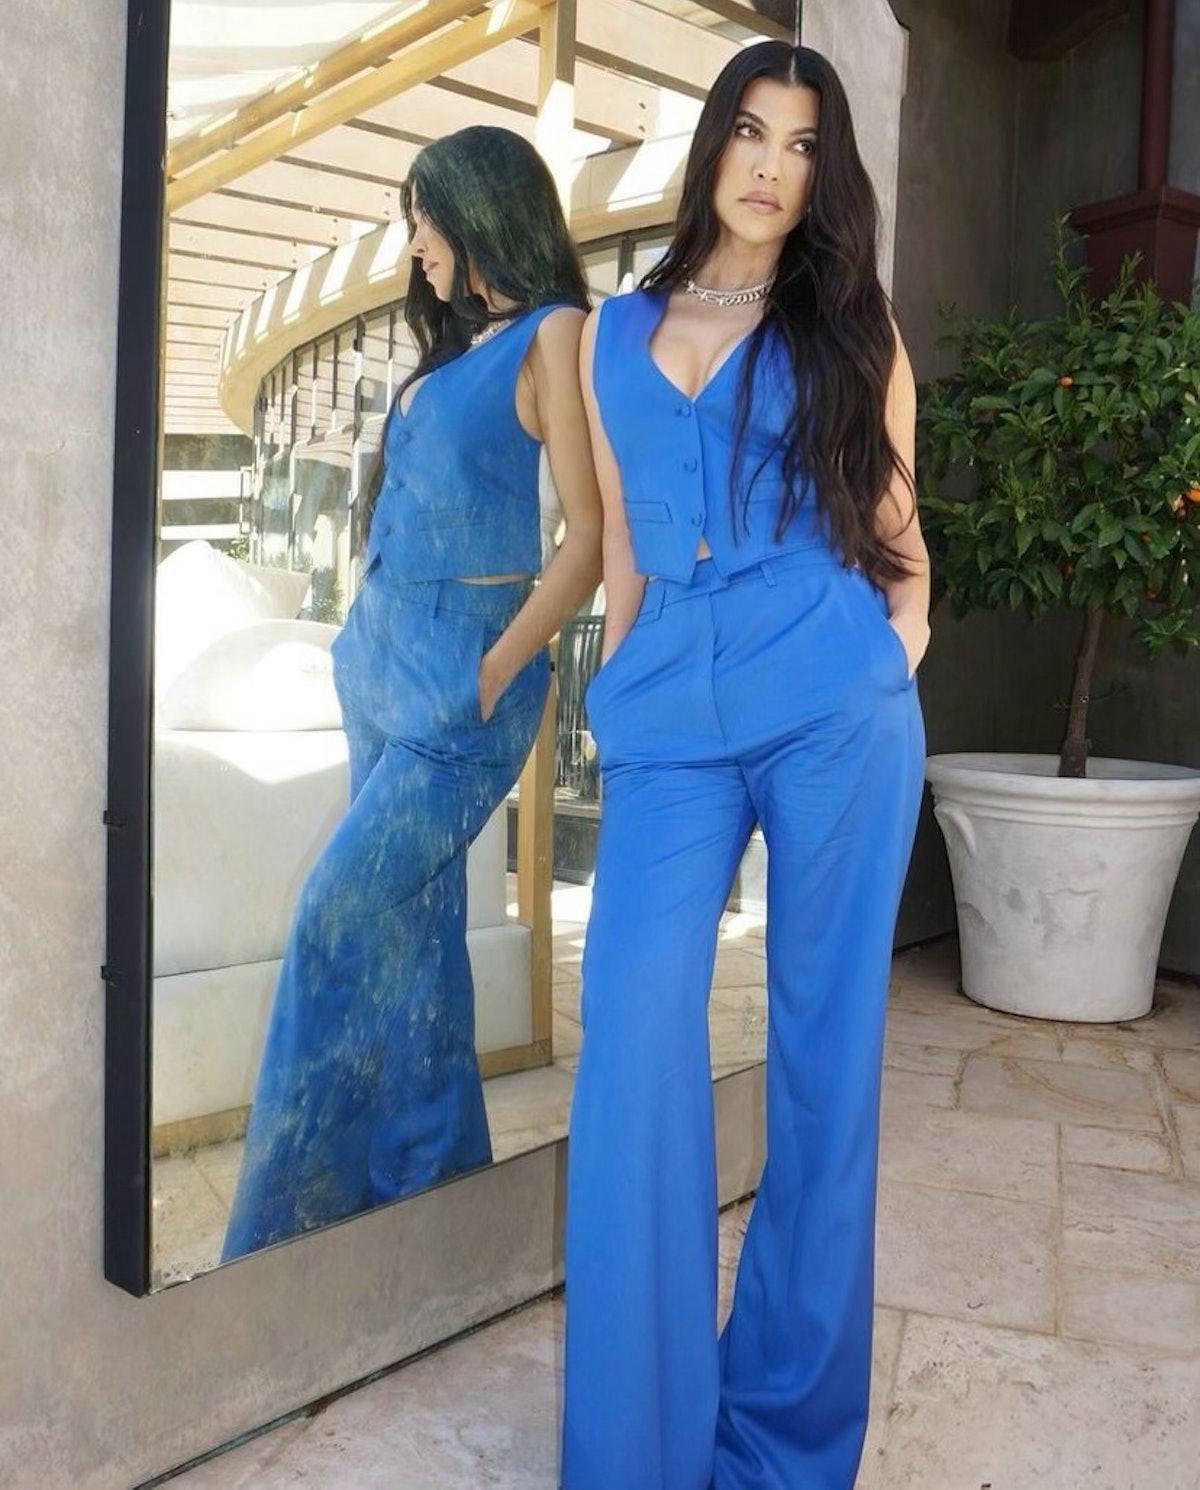 Kourtney Kardashian wears a blue jumpsuit in her Instagram.